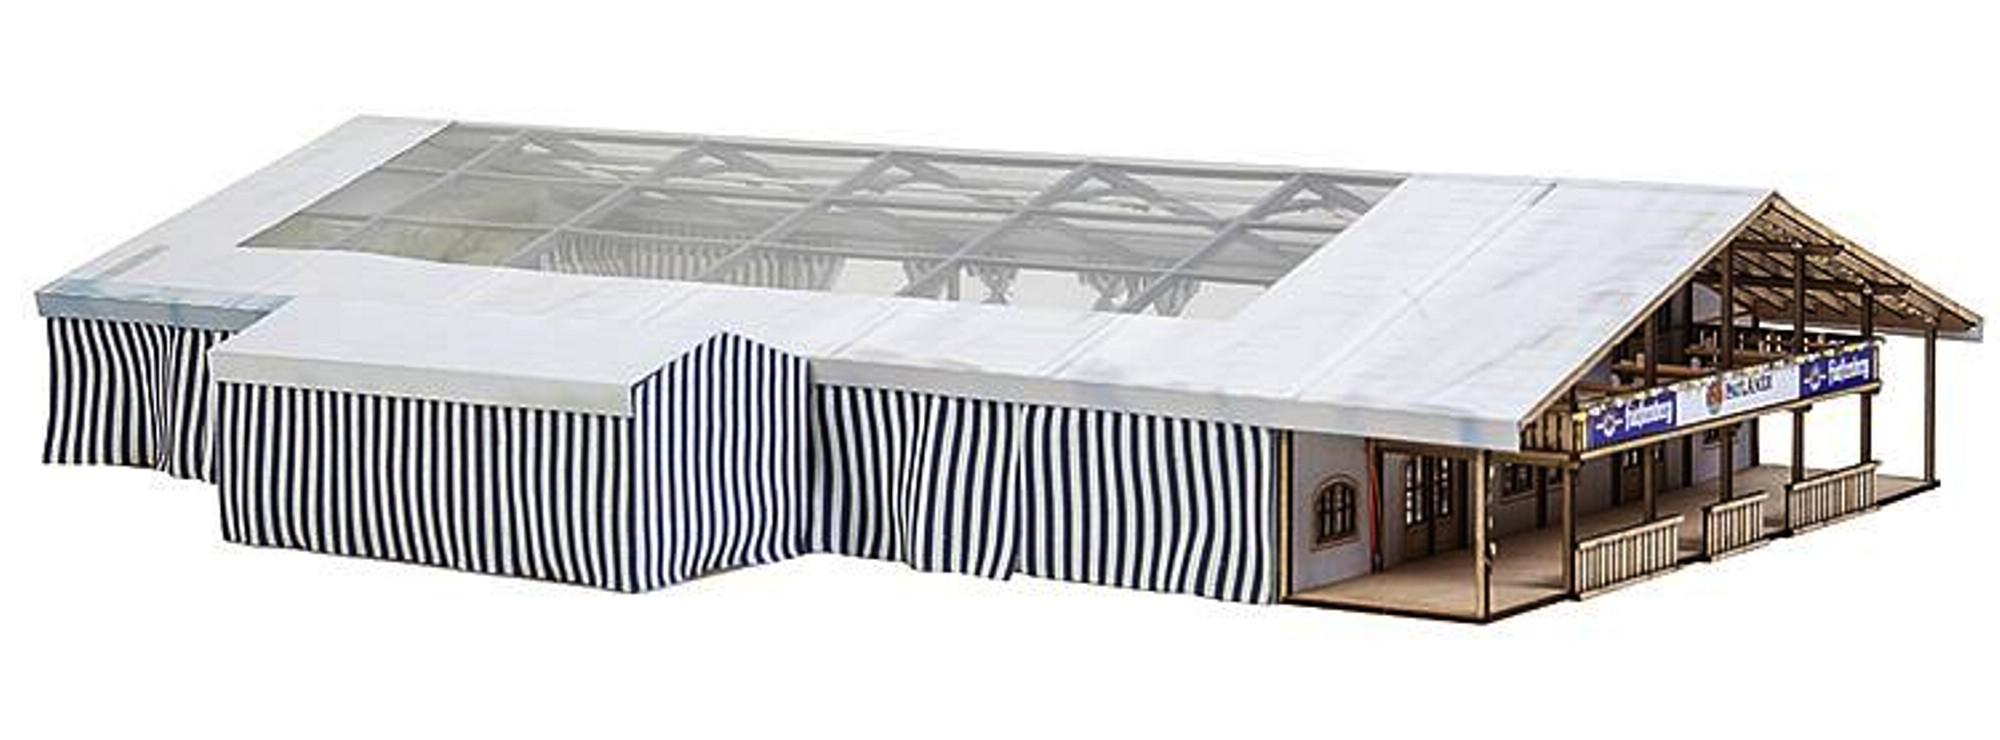 festzelte kaufen excellent profi festzelt partyzelt pvc x meter in entlebuch kaufen bei. Black Bedroom Furniture Sets. Home Design Ideas